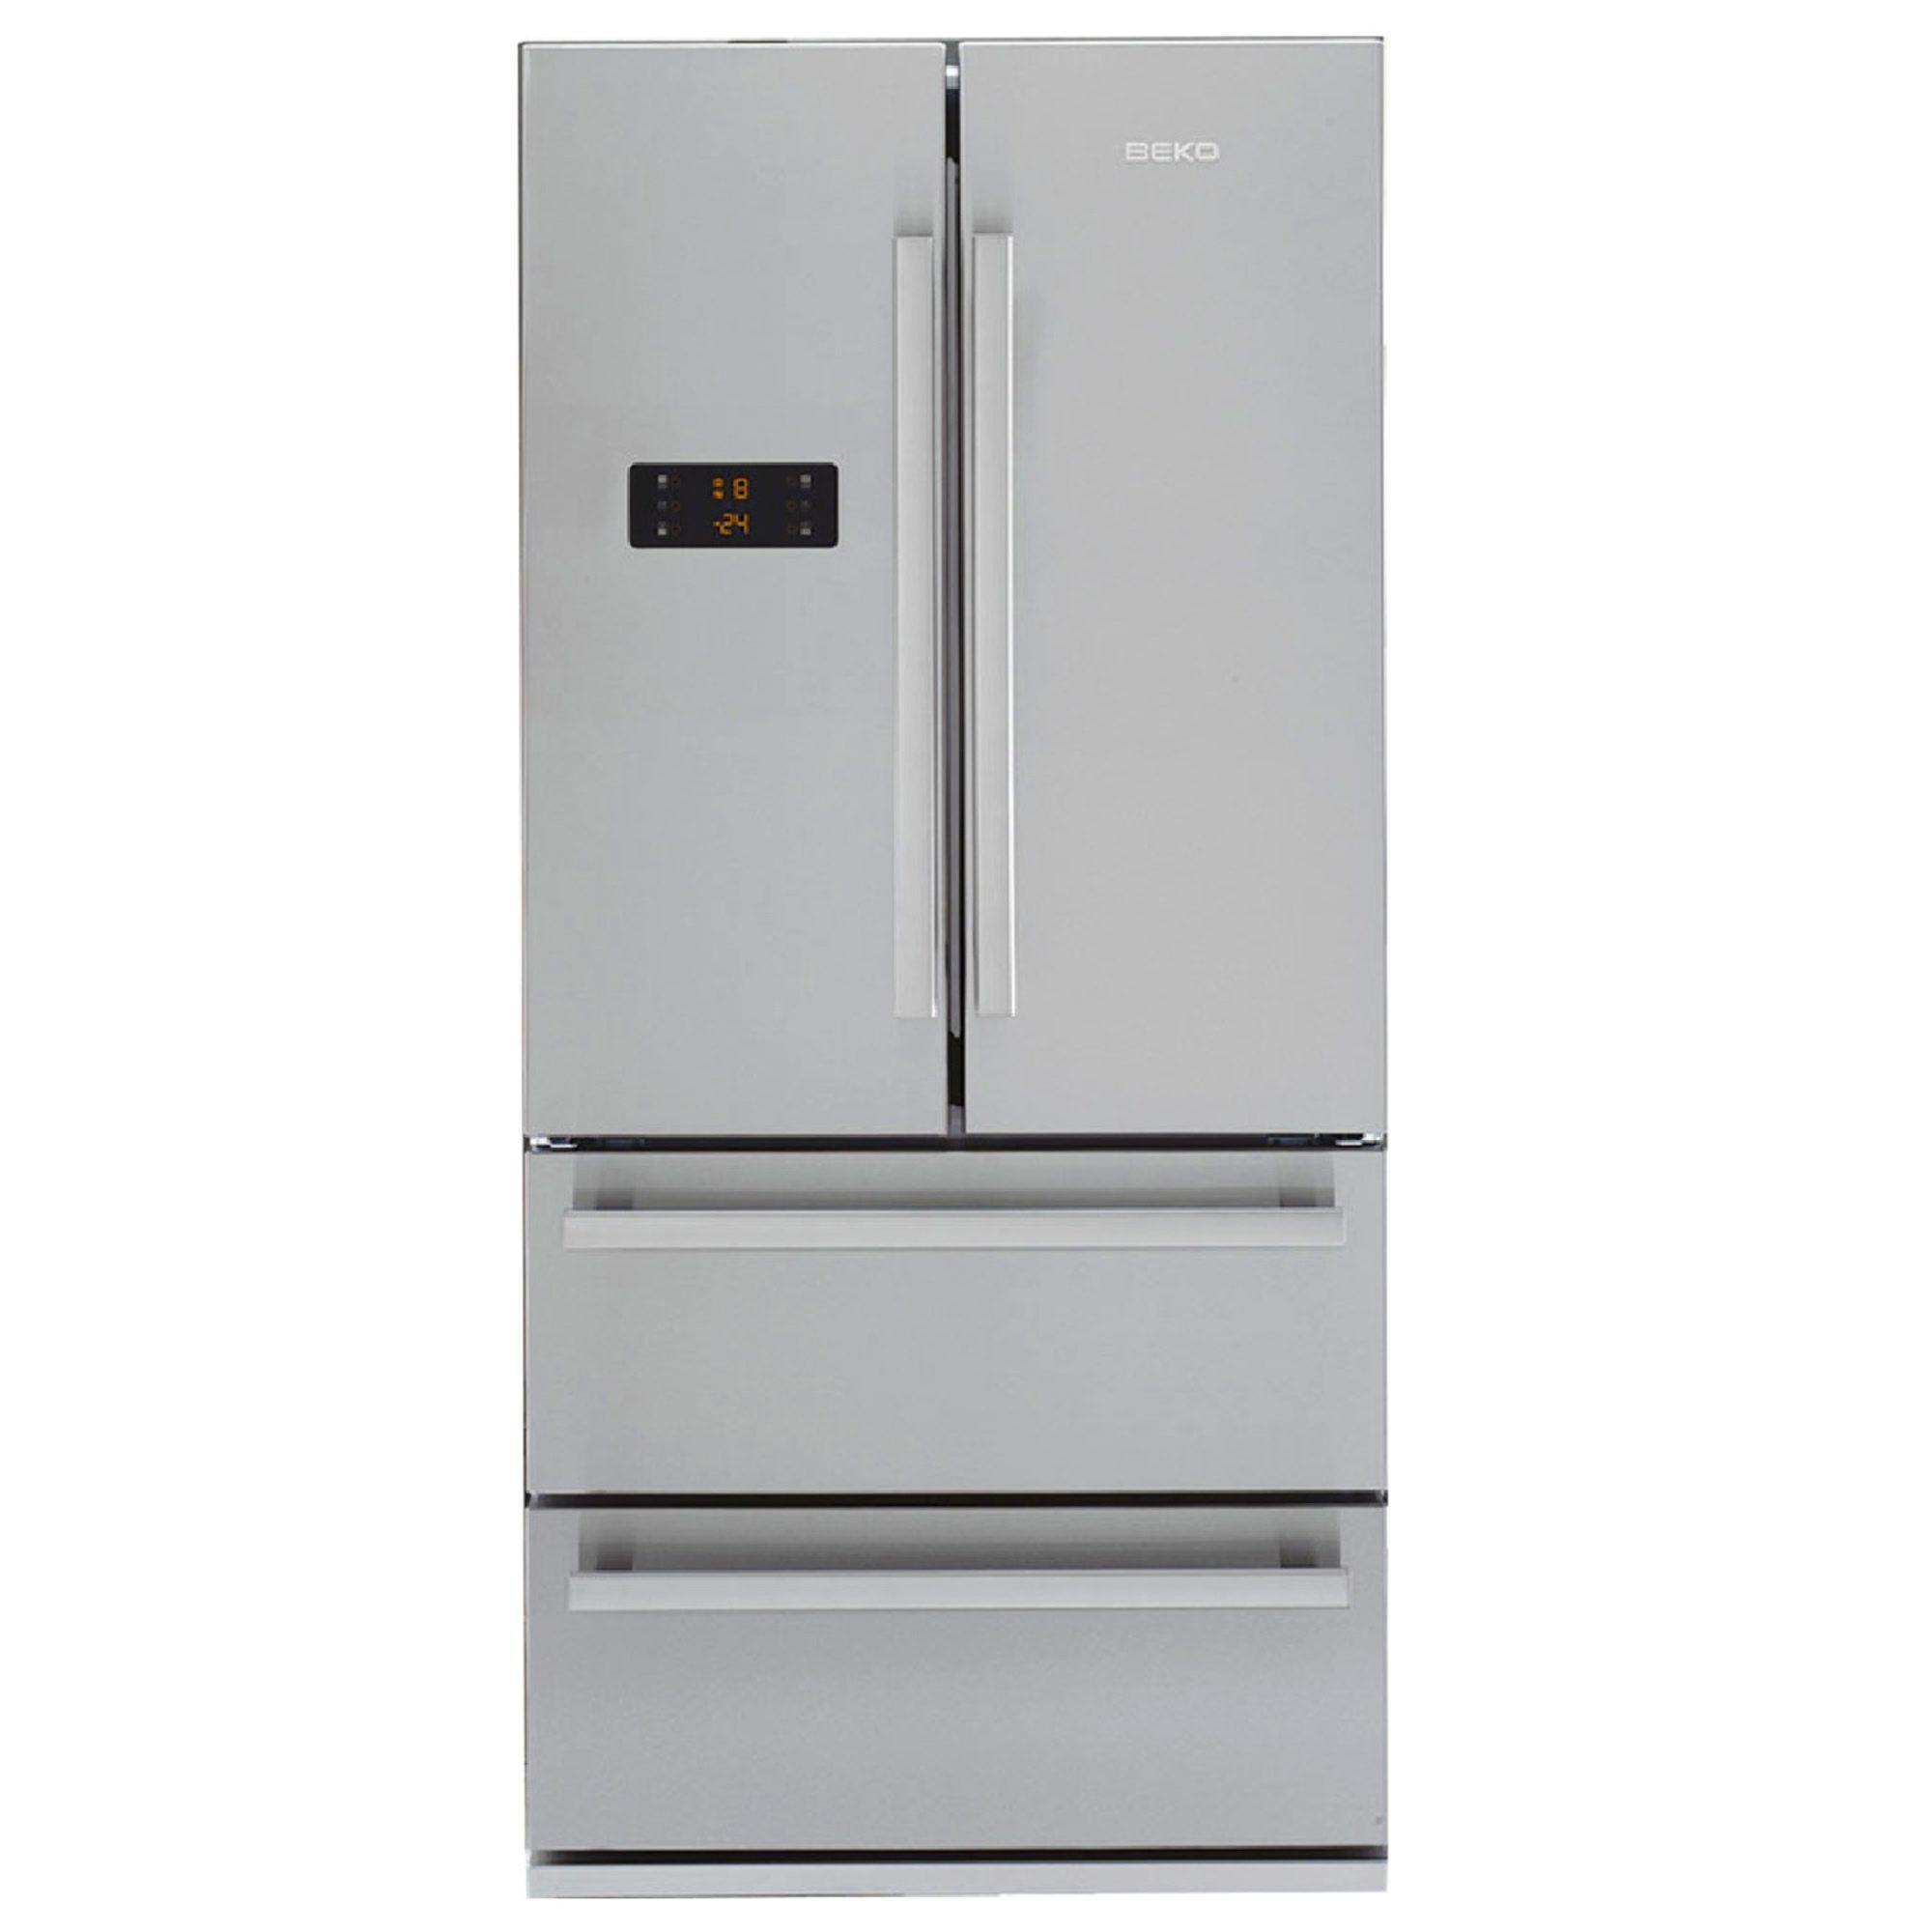 réfrigérateur américain beko gne 60520 x   deco cuisine   pinterest